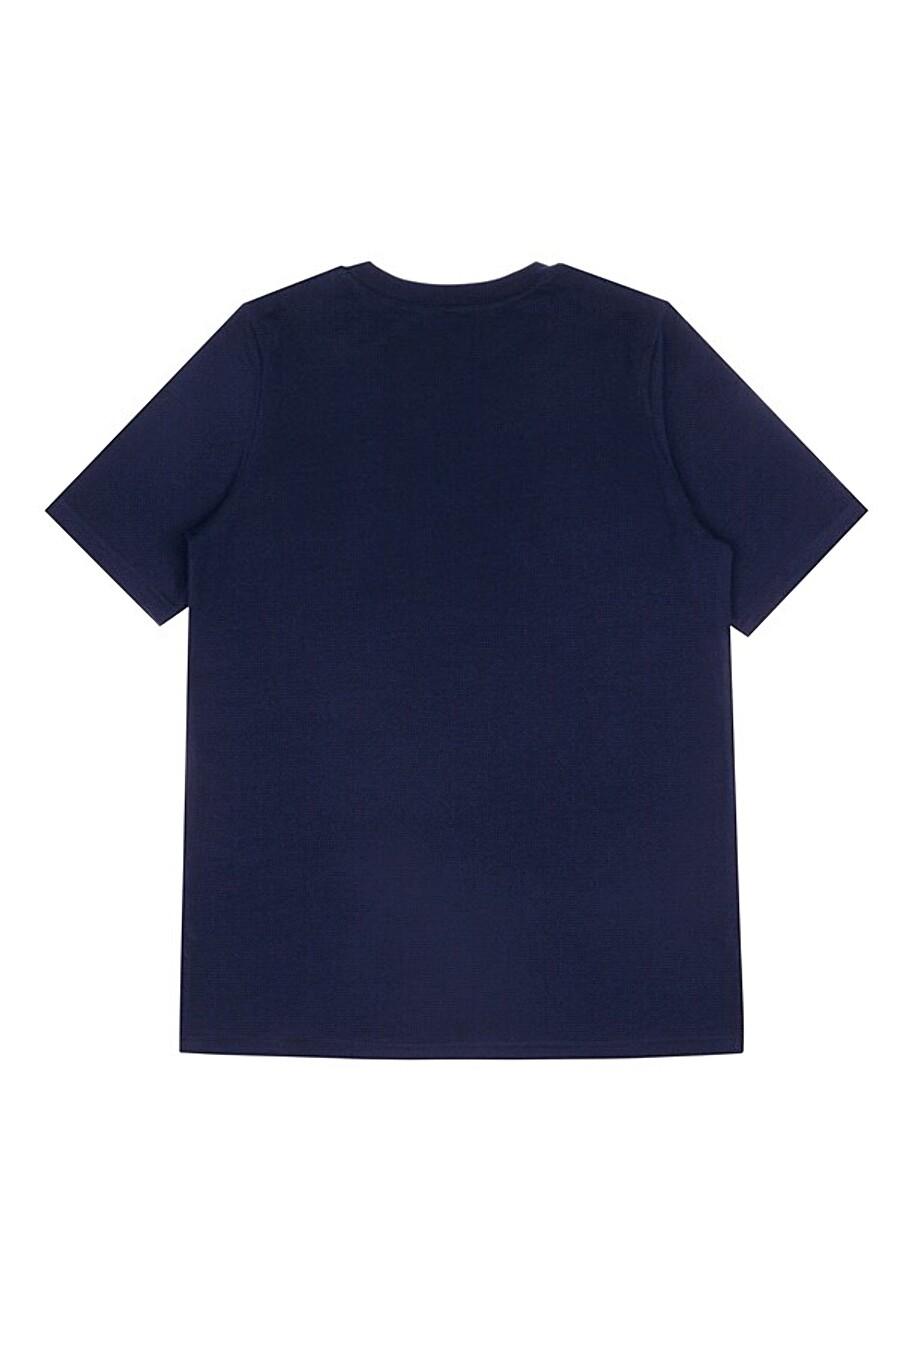 Футболка для женщин Archi 239019 купить оптом от производителя. Совместная покупка женской одежды в OptMoyo